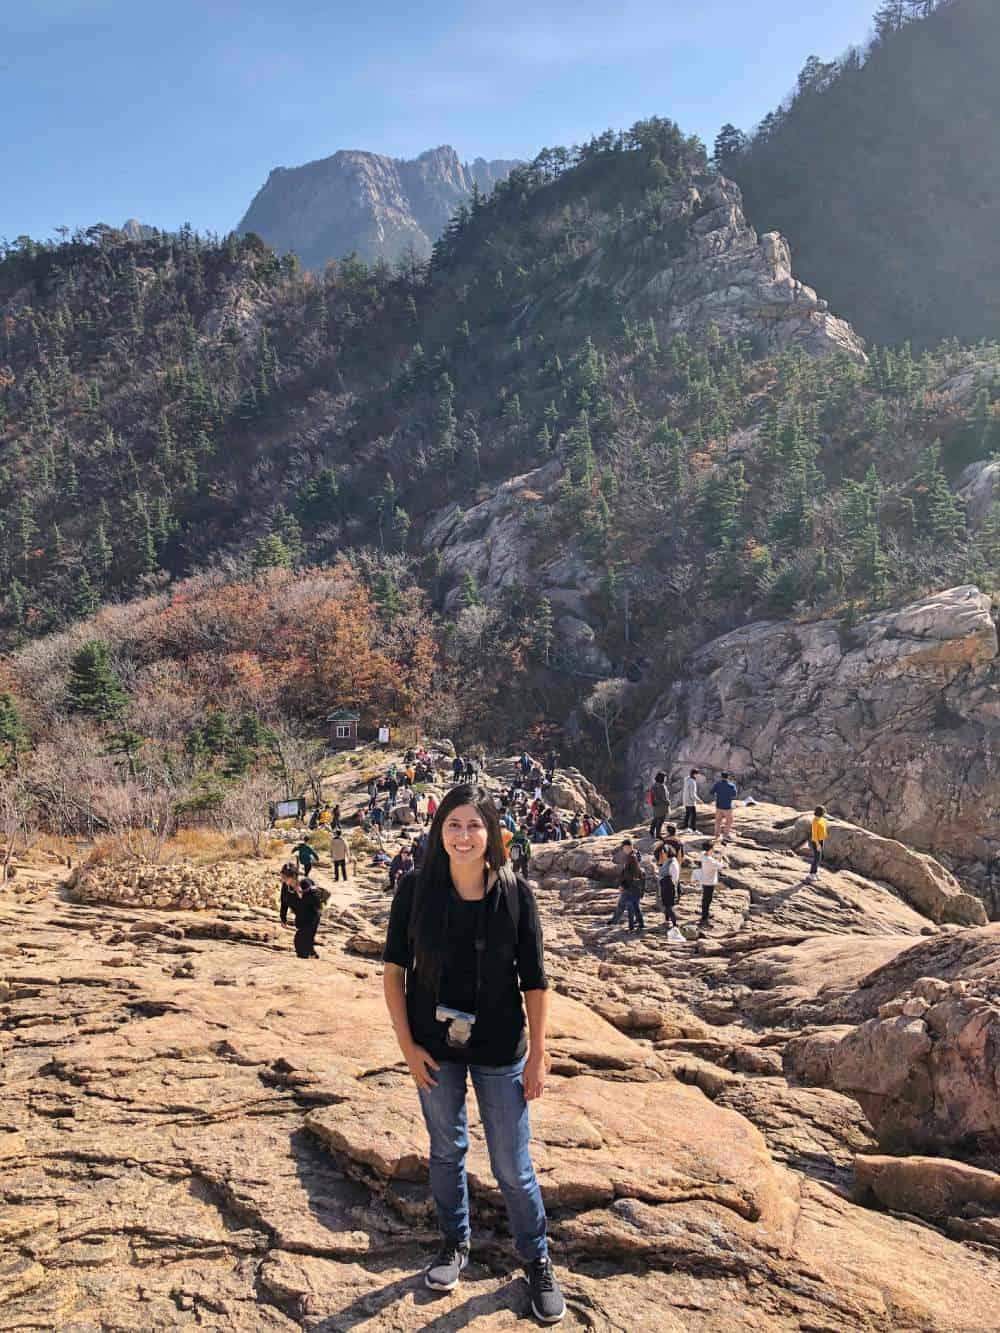 El parque de Seoraksan es uno de los lugares más bonitos de todo Corea. Aquí te comparto una guía de viaje para que sepas cómo ir y qué hacer allí.